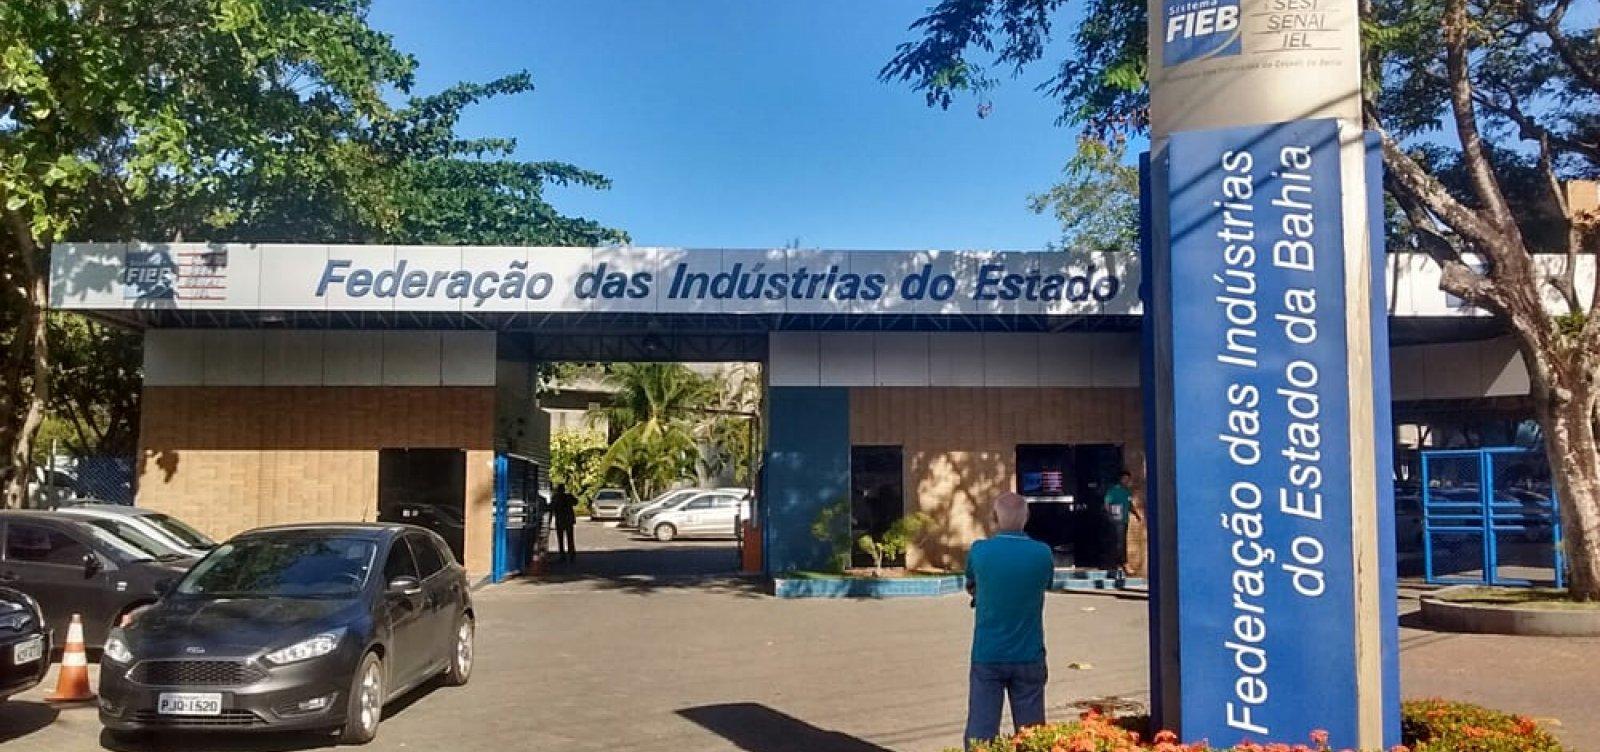 [Seminário debate estratégias de crescimento em novo cenário brasileiro]